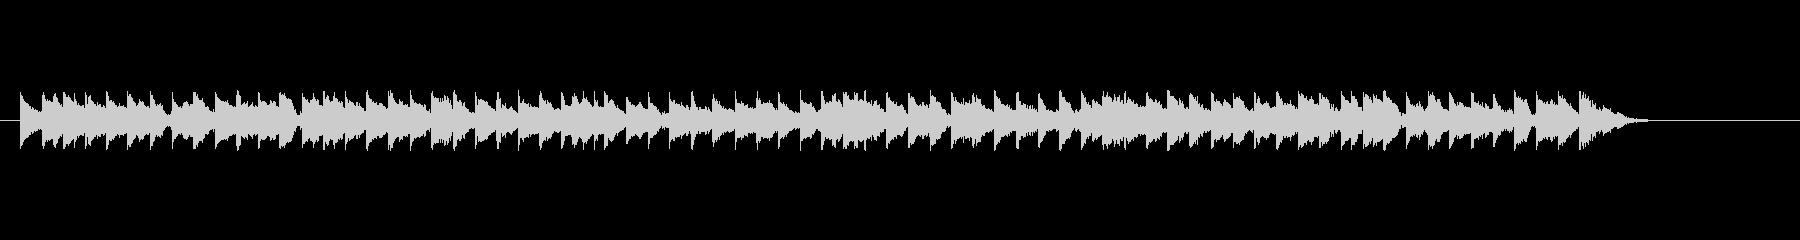 ノスタルジックな切ないオルゴールベルの未再生の波形